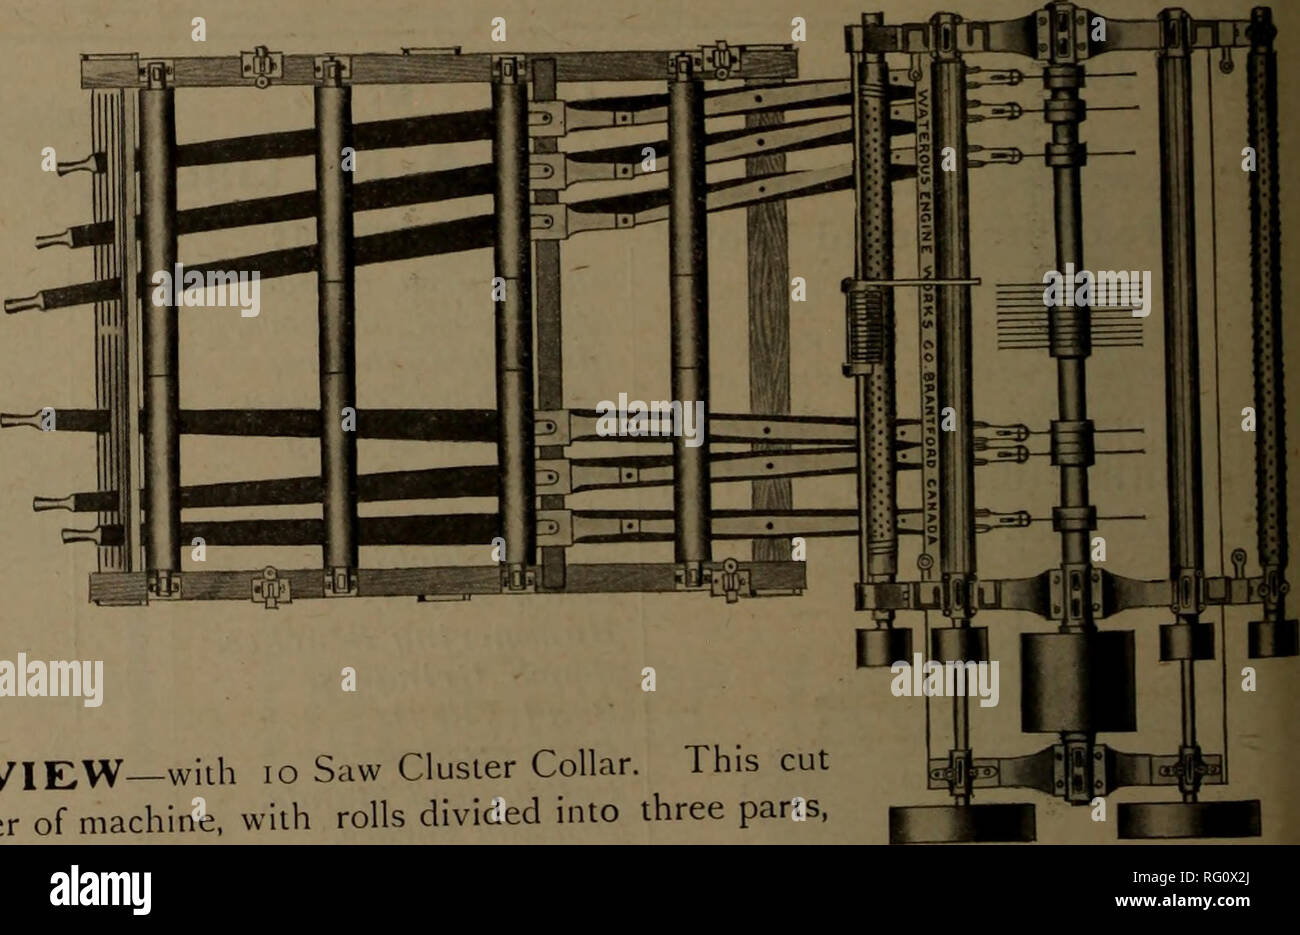 Neue 10x Gravur Cutter Holz Werkzeuge Schleifen Elektrische Dreh Datei Kopf GüNstigster Preis Von Unserer Website Handwerkzeuge Werkzeuge